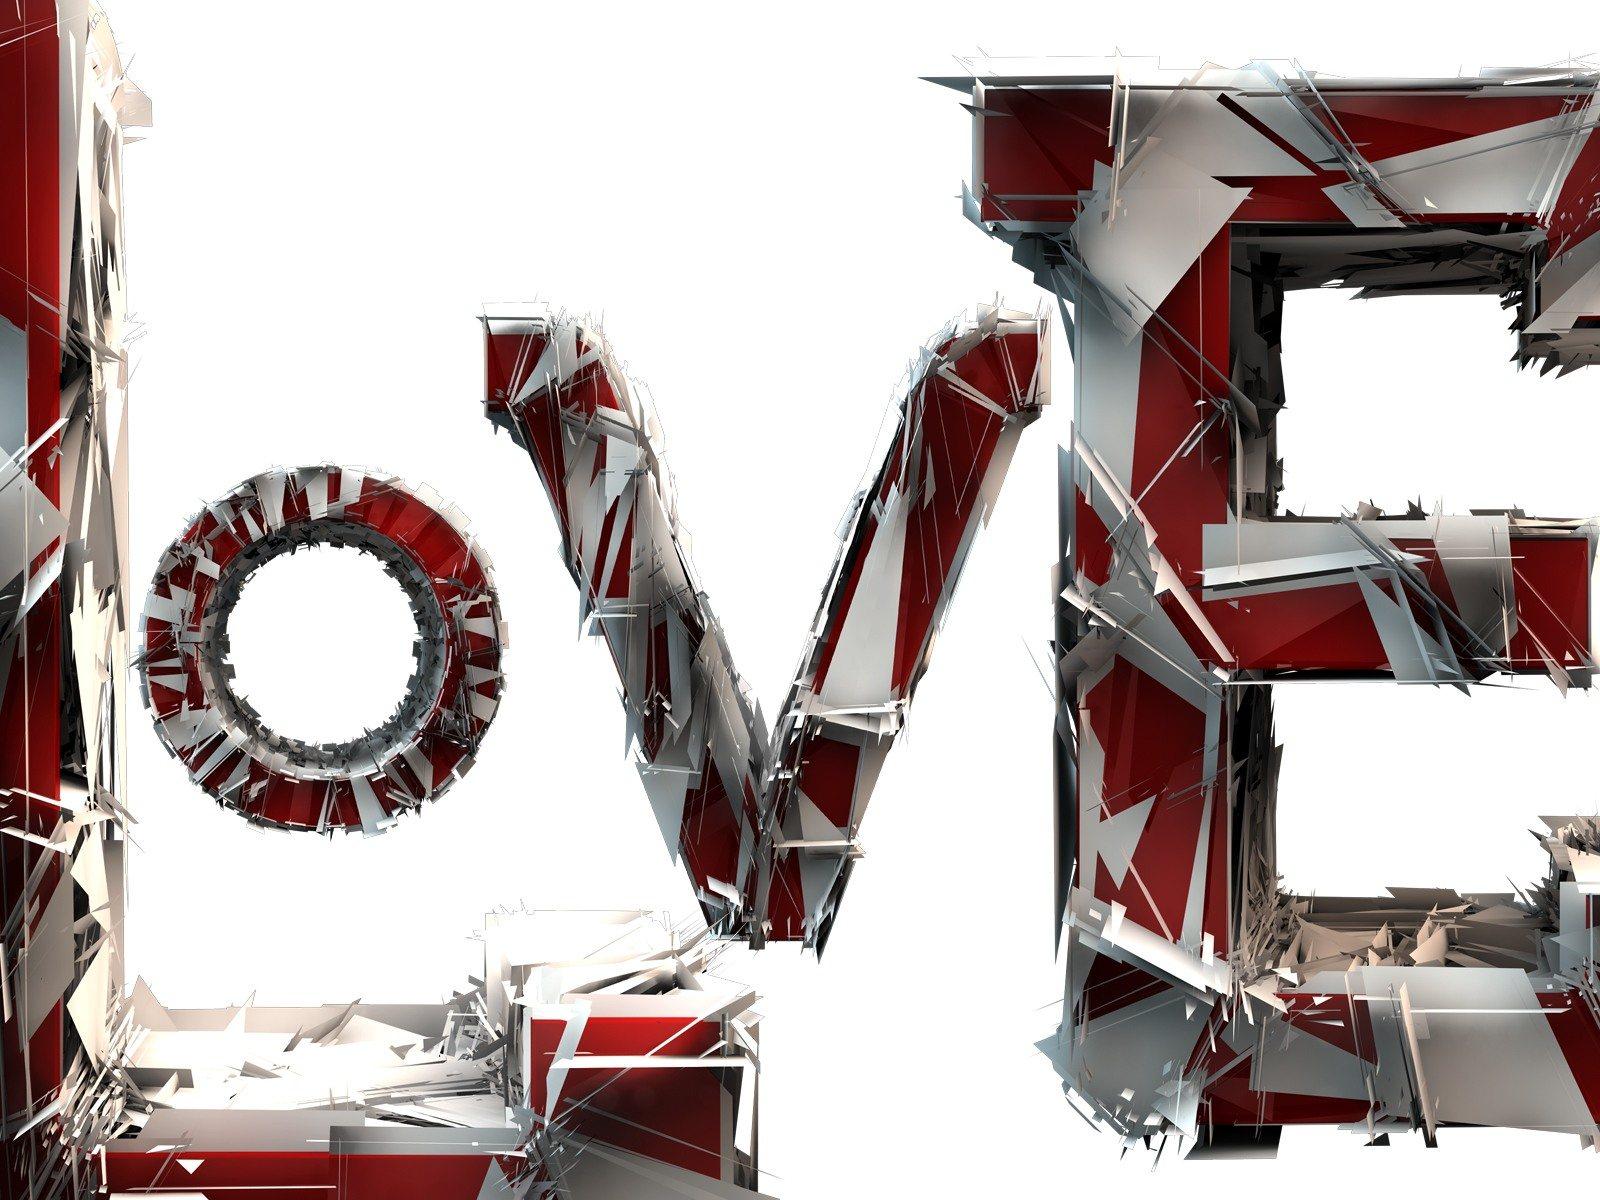 3D Love Life 3 Desktop Wallpaper - Hdlovewall.com